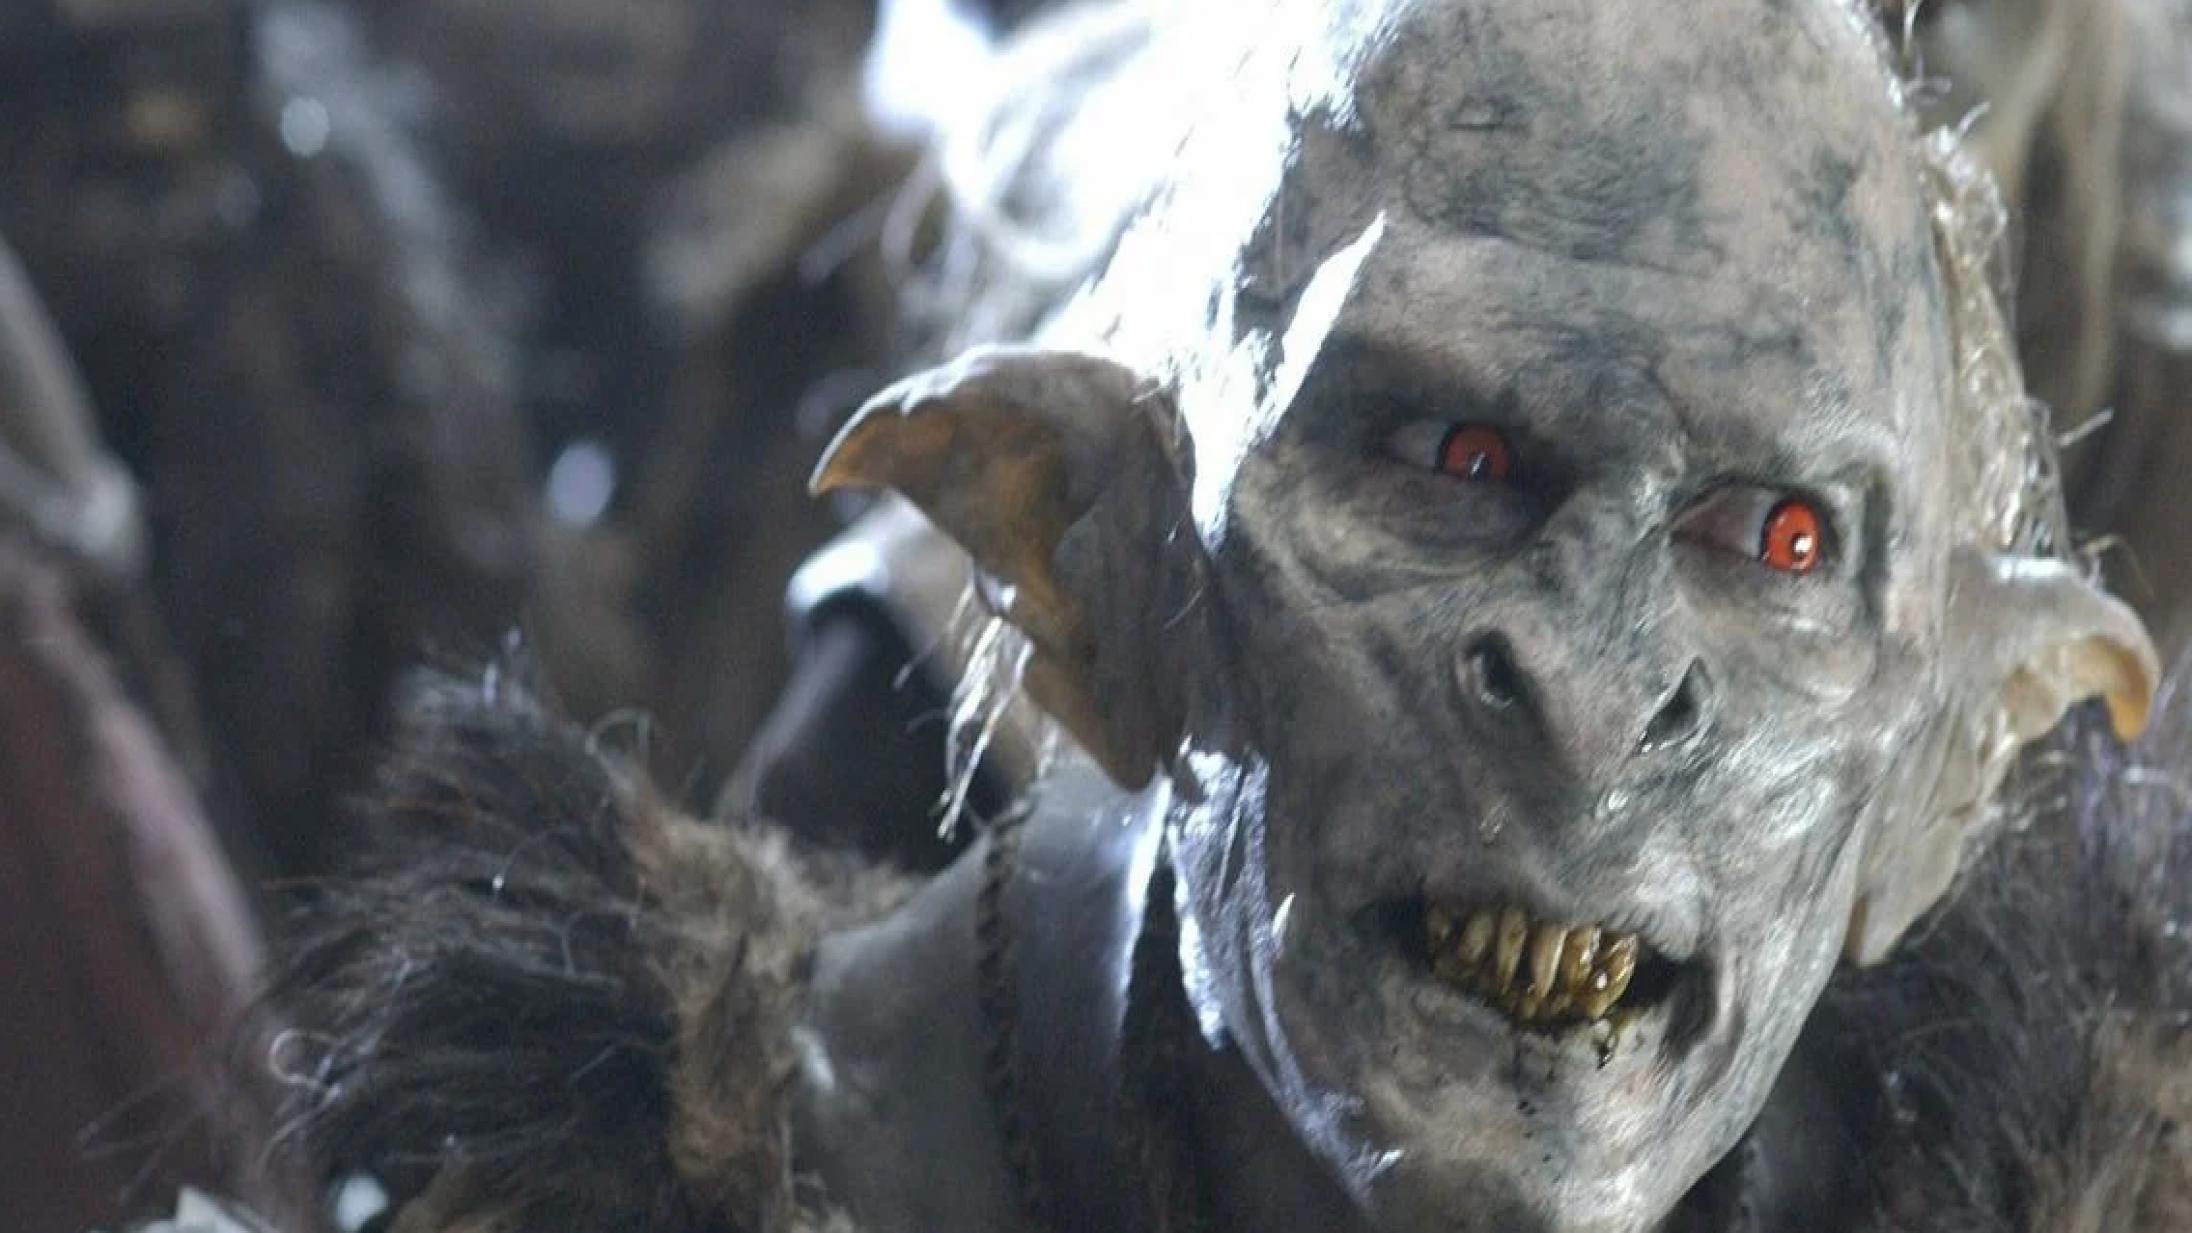 Amazons 'Ringenes herre'-serie søger efter statister med »sjovt udseende«